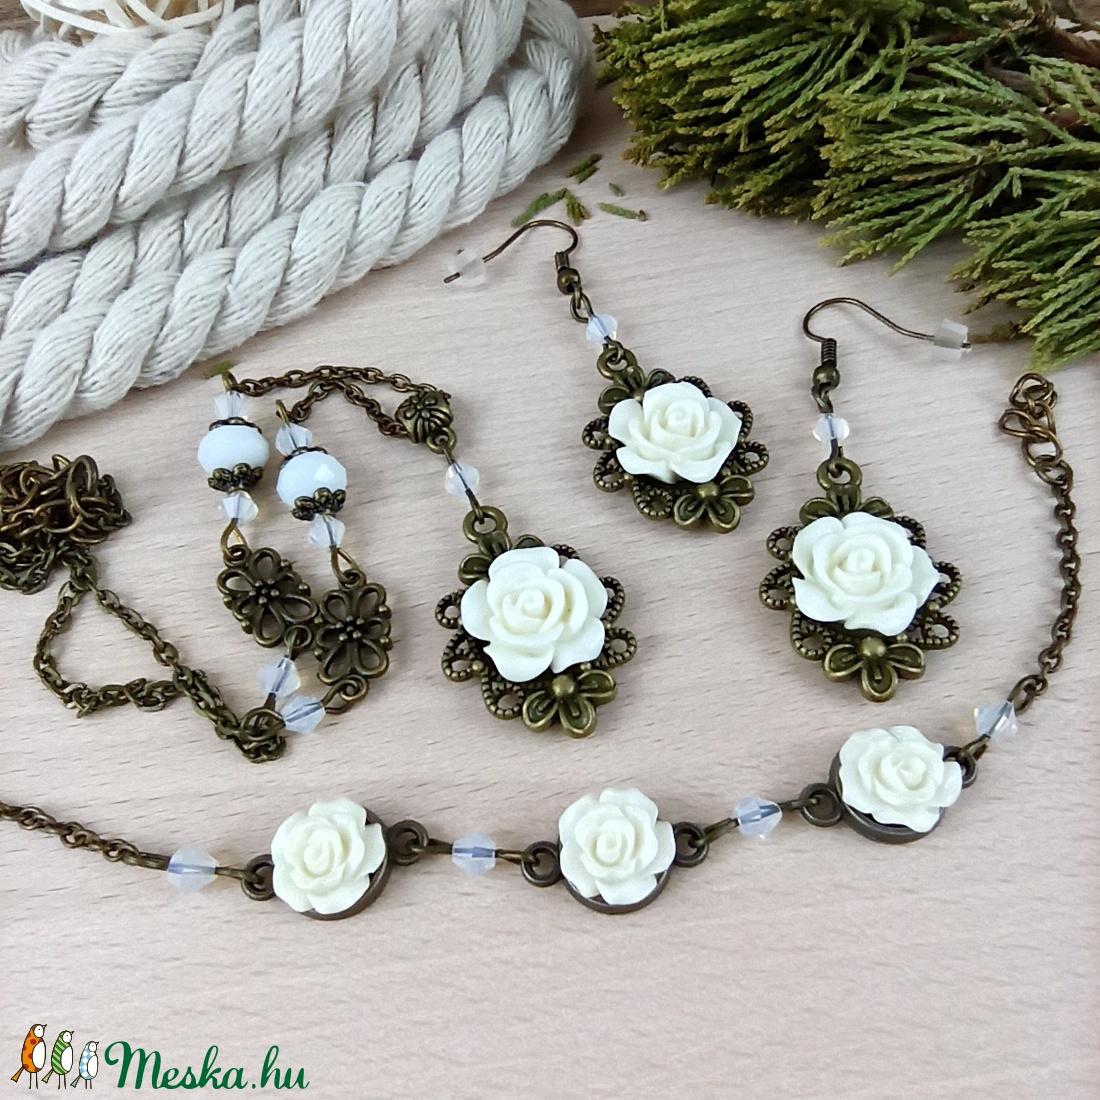 #24 fehér rózsás szett nyaklánc fülbevaló karkötő vintage esküvő alkalmi koszorúslány örömanya menyasszony násznagy - ékszer - ékszerszett - Meska.hu